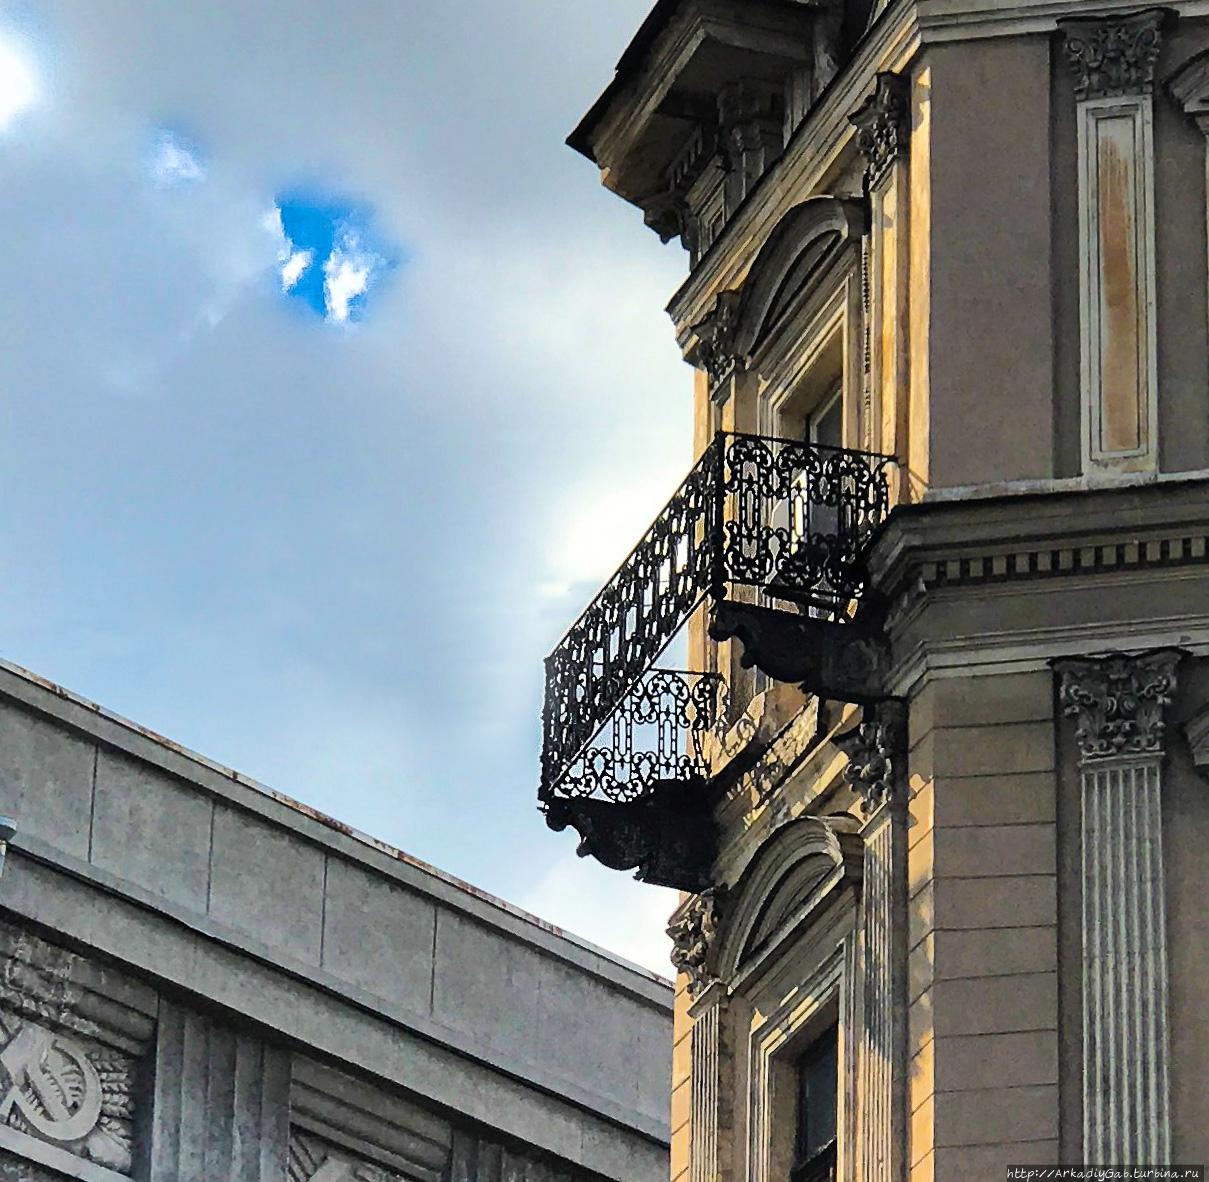 Так в культурной столице, видимо, борются с табакокурением, вареньехранением и воздуходышанием заодно. Санкт-Петербург, Россия